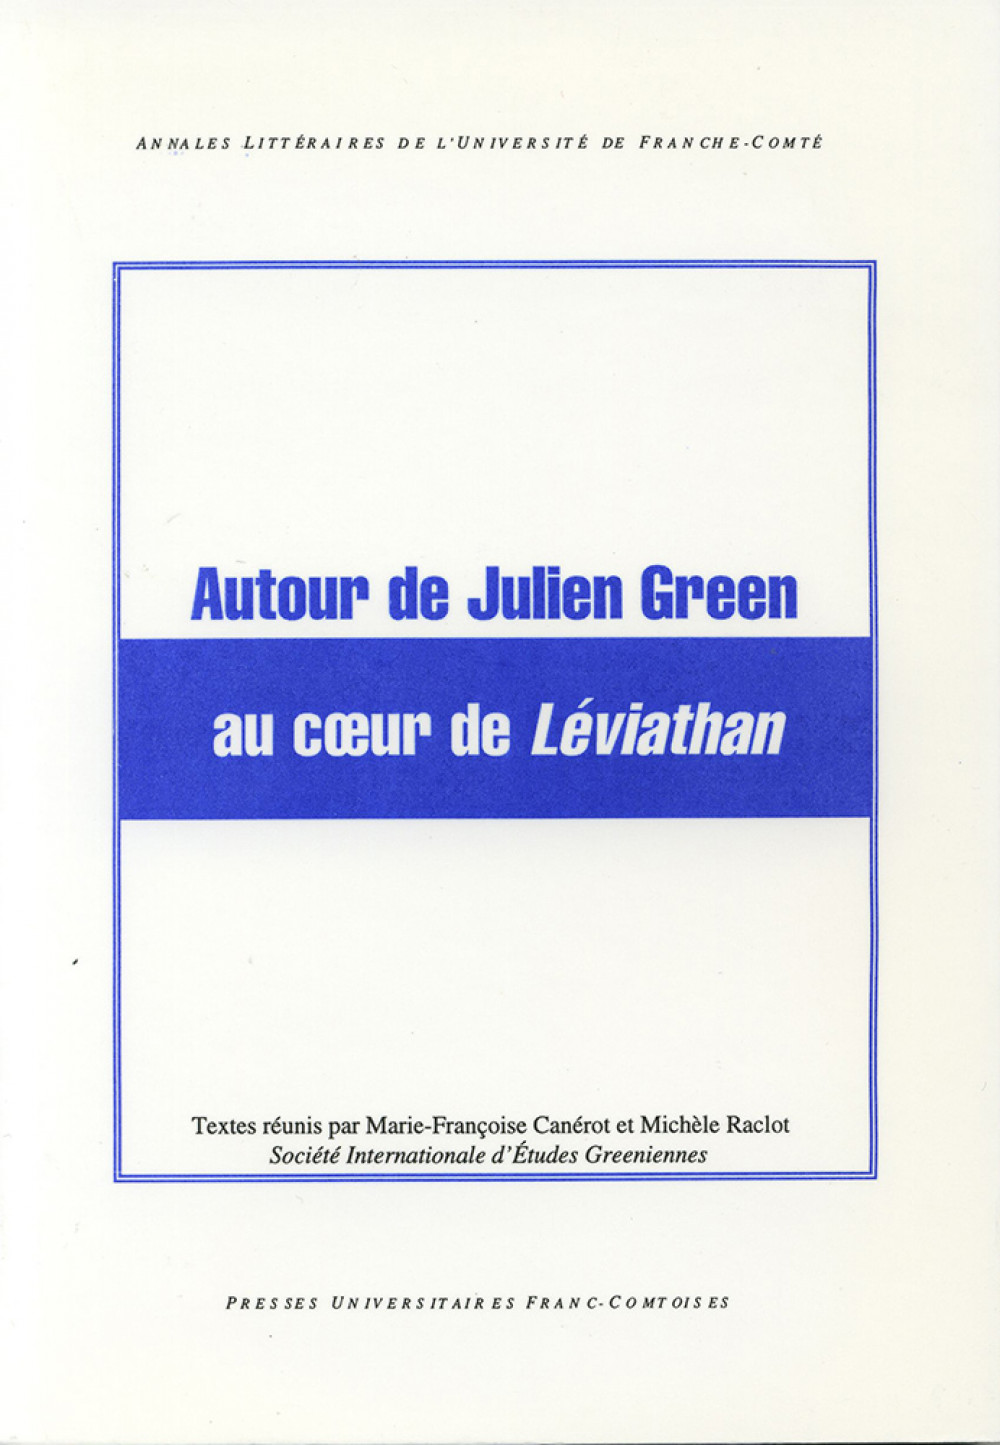 Autour de Julien Green au coeur de Léviathan